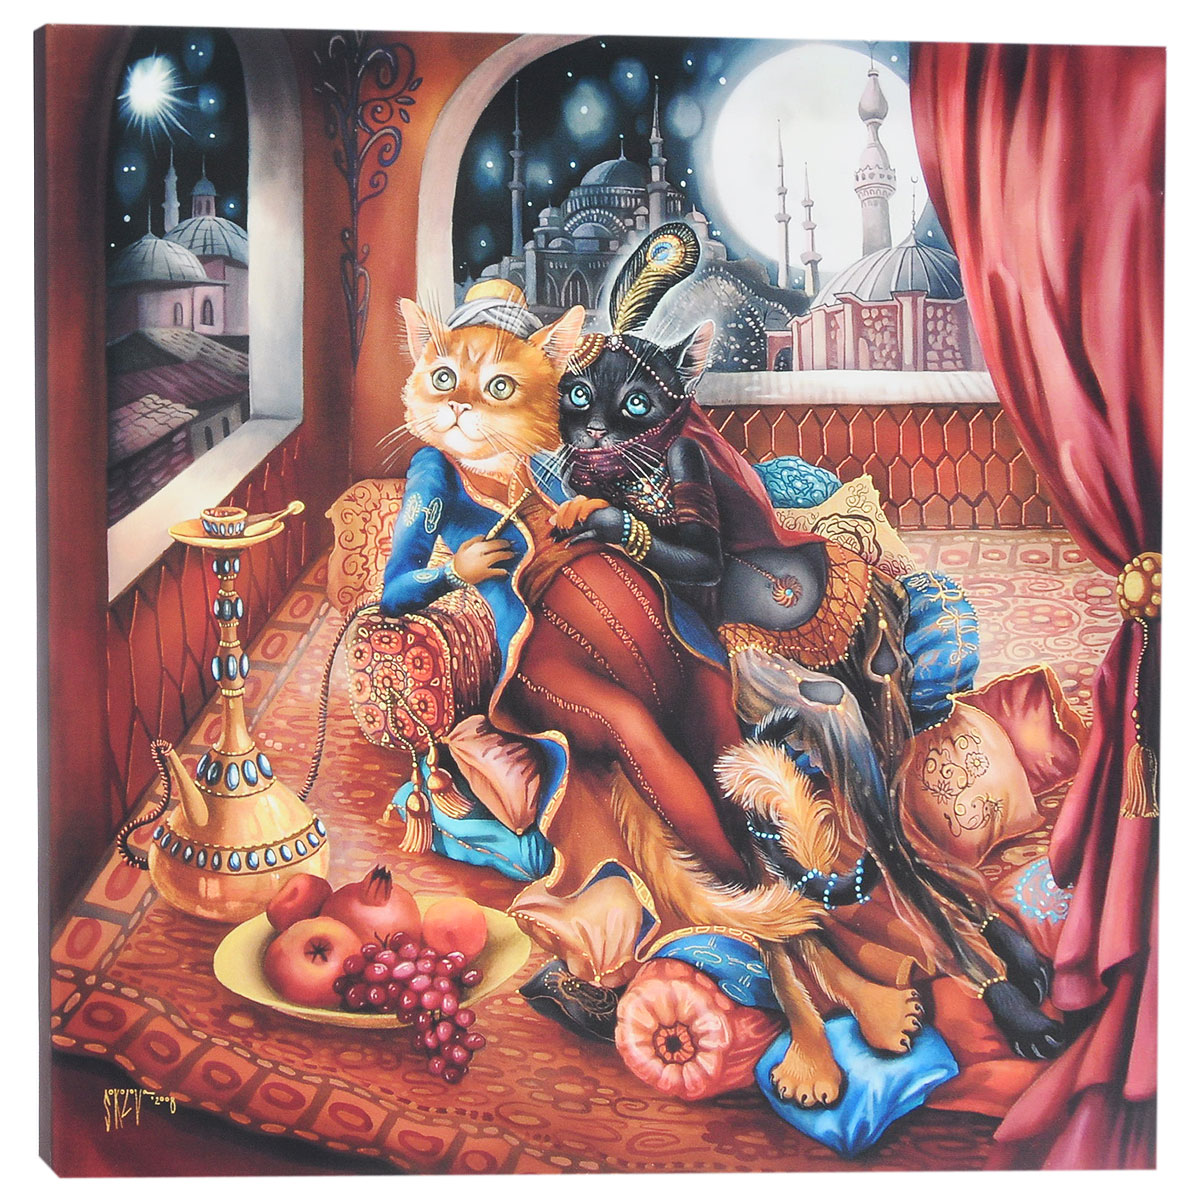 КвикДекор Картина детская Восточная сказкаled5050-02Картина КвикДекор Восточная сказка - это прекрасное украшение для вашей гостиной, детской или спальни. Она привнесет в интерьер яркий акцент и сделает обстановку комфортной и уютной.Автор картины - Надежда Соколова - родилась в 1973 году в городе Дрездене. В 1986-1990 годах училась в Художественной школе города Новгорода. В 1995 году окончила с отличием рекламное отделение Новгородского училища культуры. В 2000 году защитила диплом на факультете Искусств и Технологий НовГУ имени Ярослава Мудрого. Выставляется с 1996 года. Работает в техниках: живопись, графика, батик, лаковая миниатюра, авторская кукла. Является автором оригинального стиля в миниатюре.Изделие представляет собой картину с латексной печатью на натуральном хлопчатобумажном холсте. Галерейная натяжка на деревянный подрамник выполнена очень аккуратно, а боковые части картины запечатаны тоновой заливкой. Обратная сторона подрамника содержит отверстие, благодаря которому картину можно легко закрепить на стене и подкорректировать ее положение.Картина Восточная сказка станет отличным украшением любого помещения, а также оригинальным подарком родным и близким.